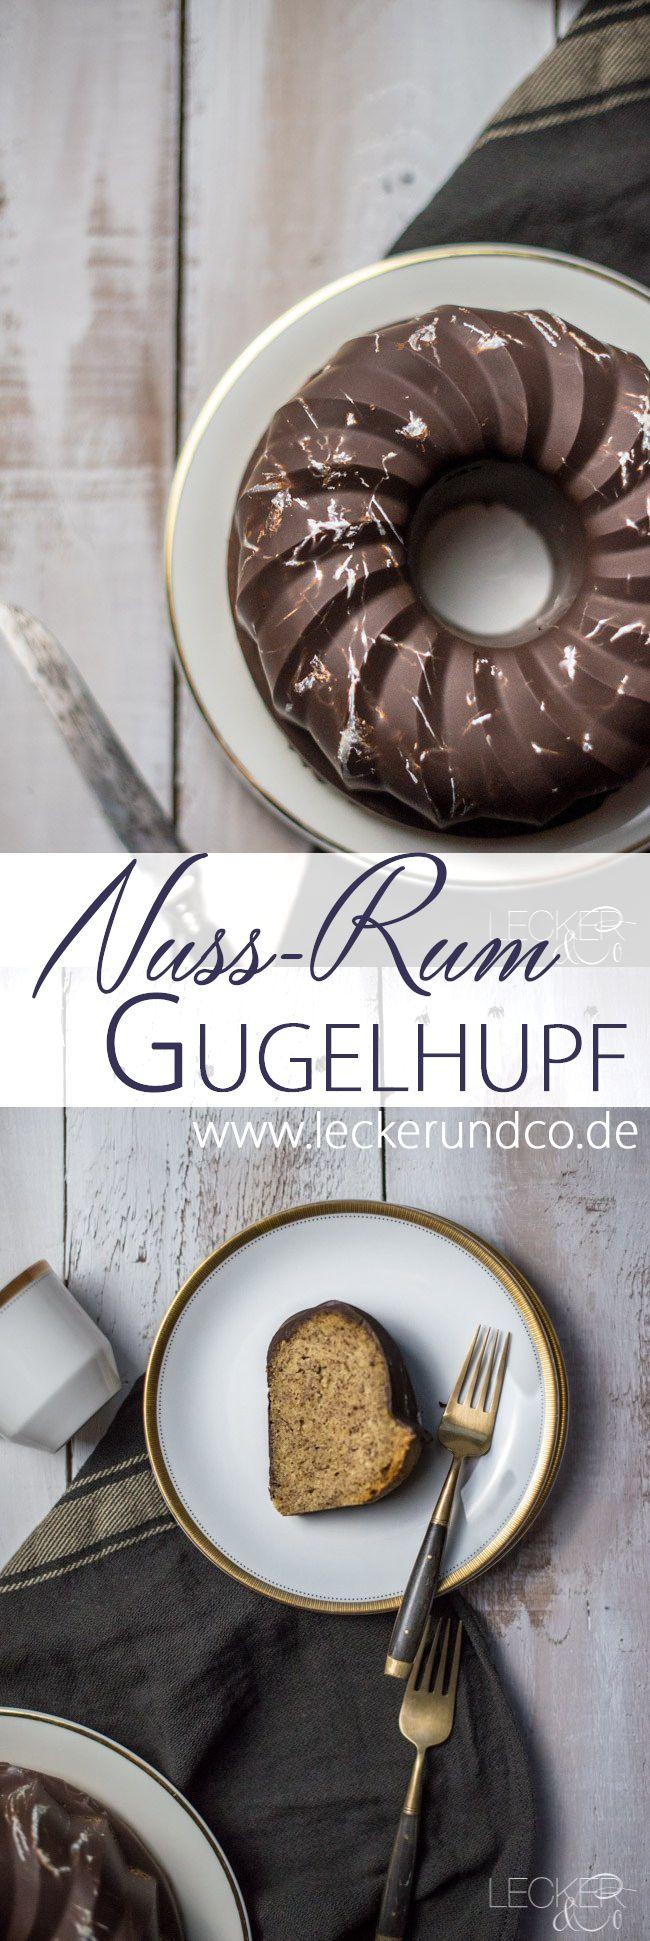 Nuss-Rum-Gugelhupf